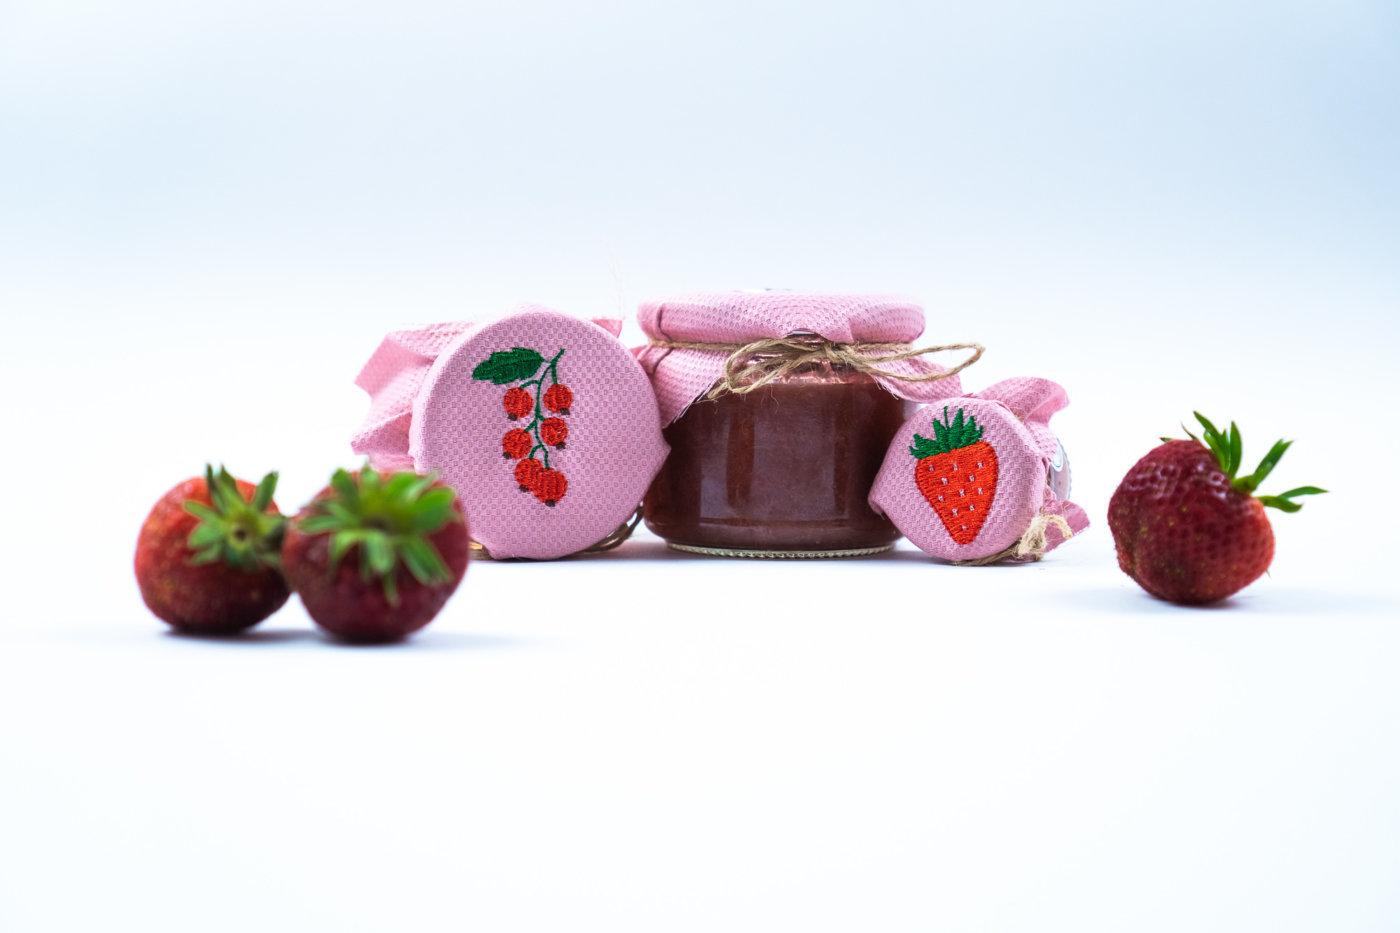 Erdbeere und Johannisbeere als Stickdatei herunterladen